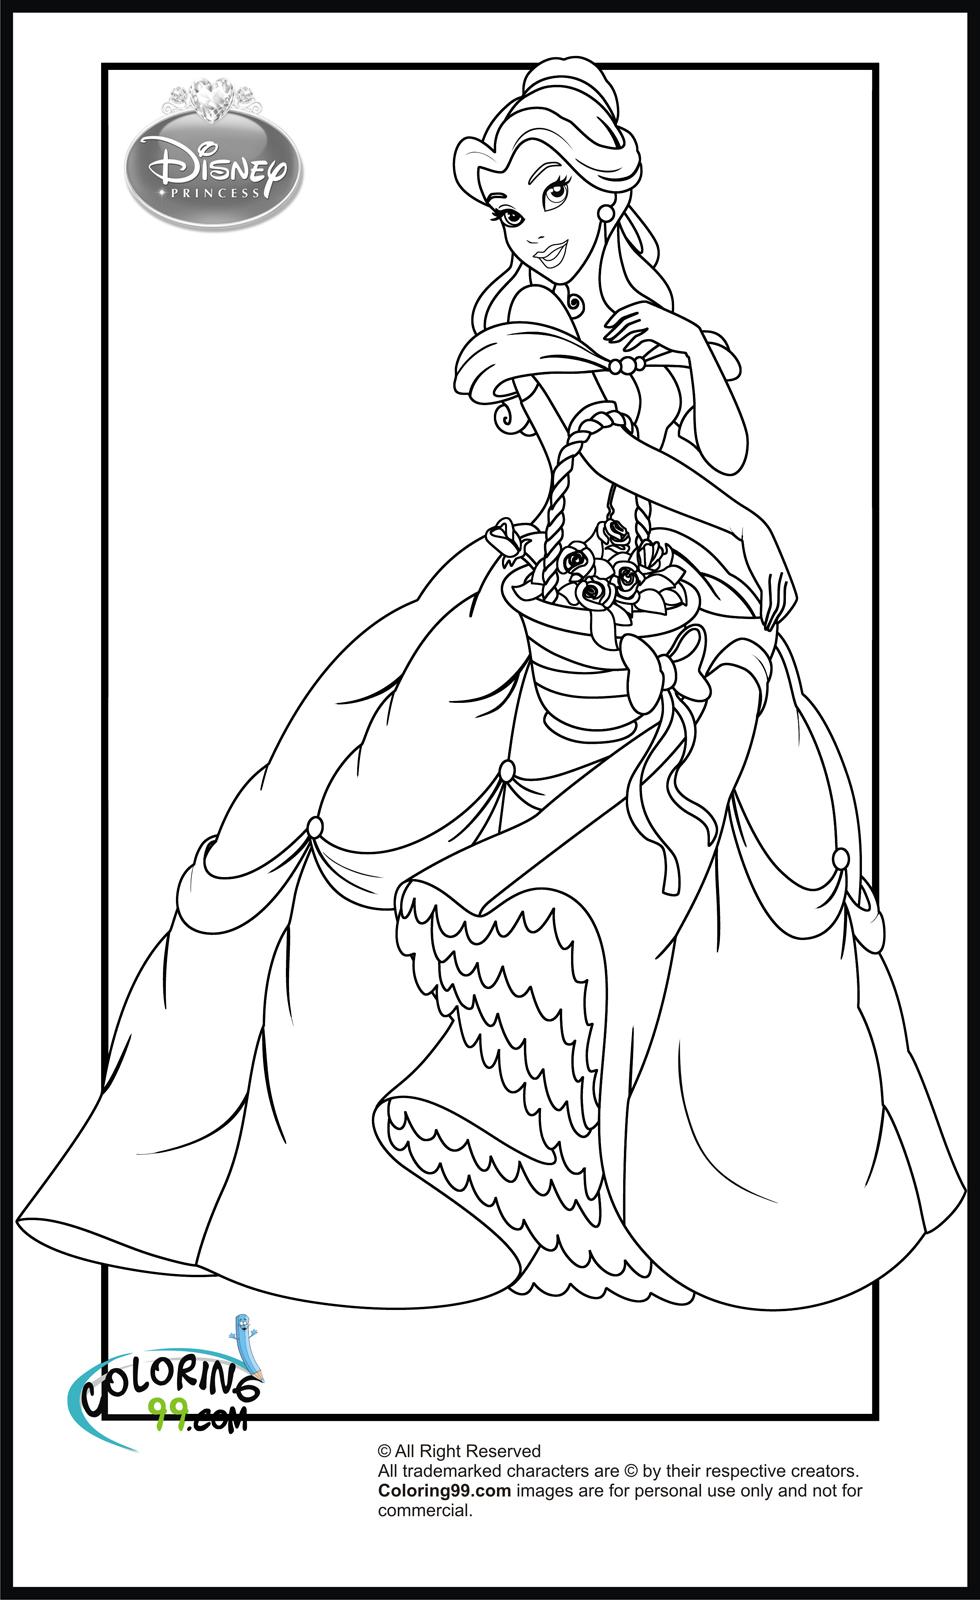 disney princess coloring sheets disney princess coloring pages minister coloring disney princess sheets coloring